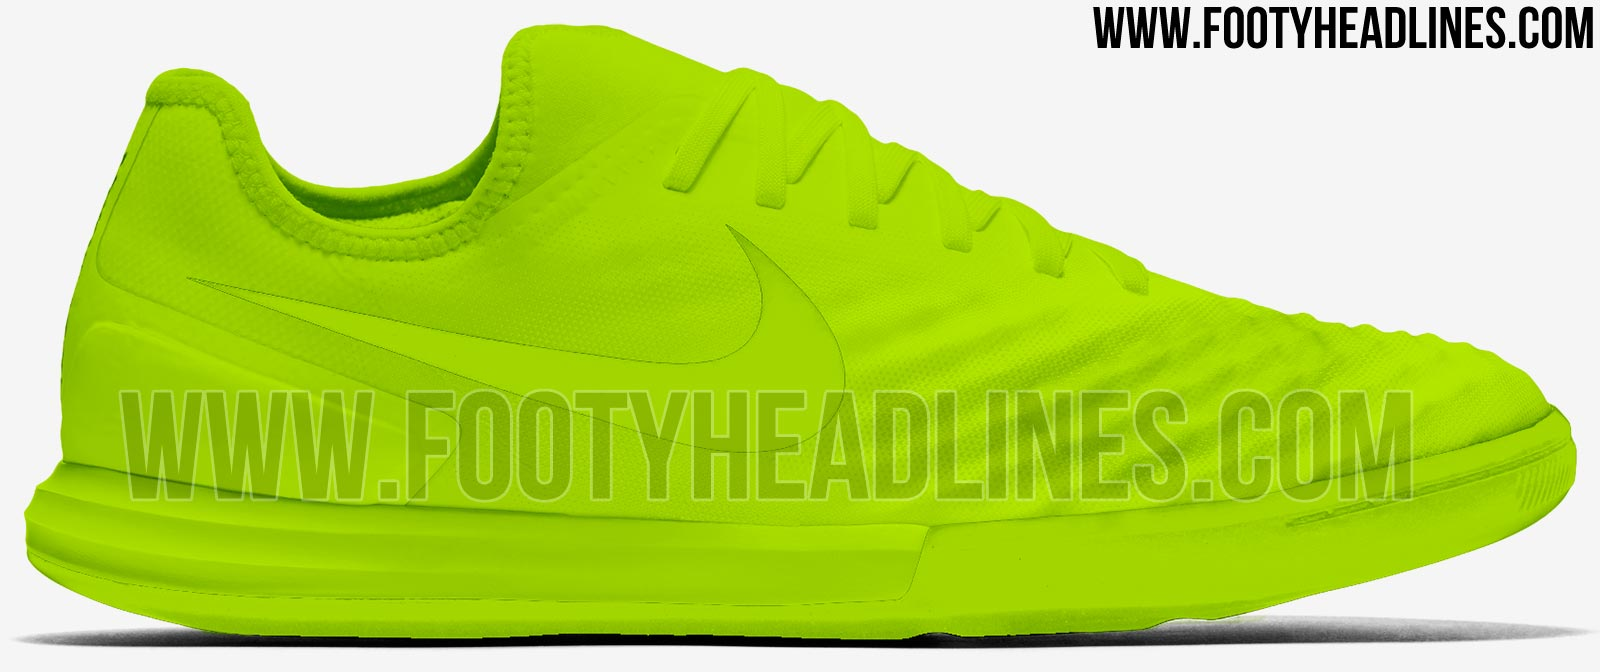 Triple Volt Nike Magistax Finale Ii Leaked Footy Headlines